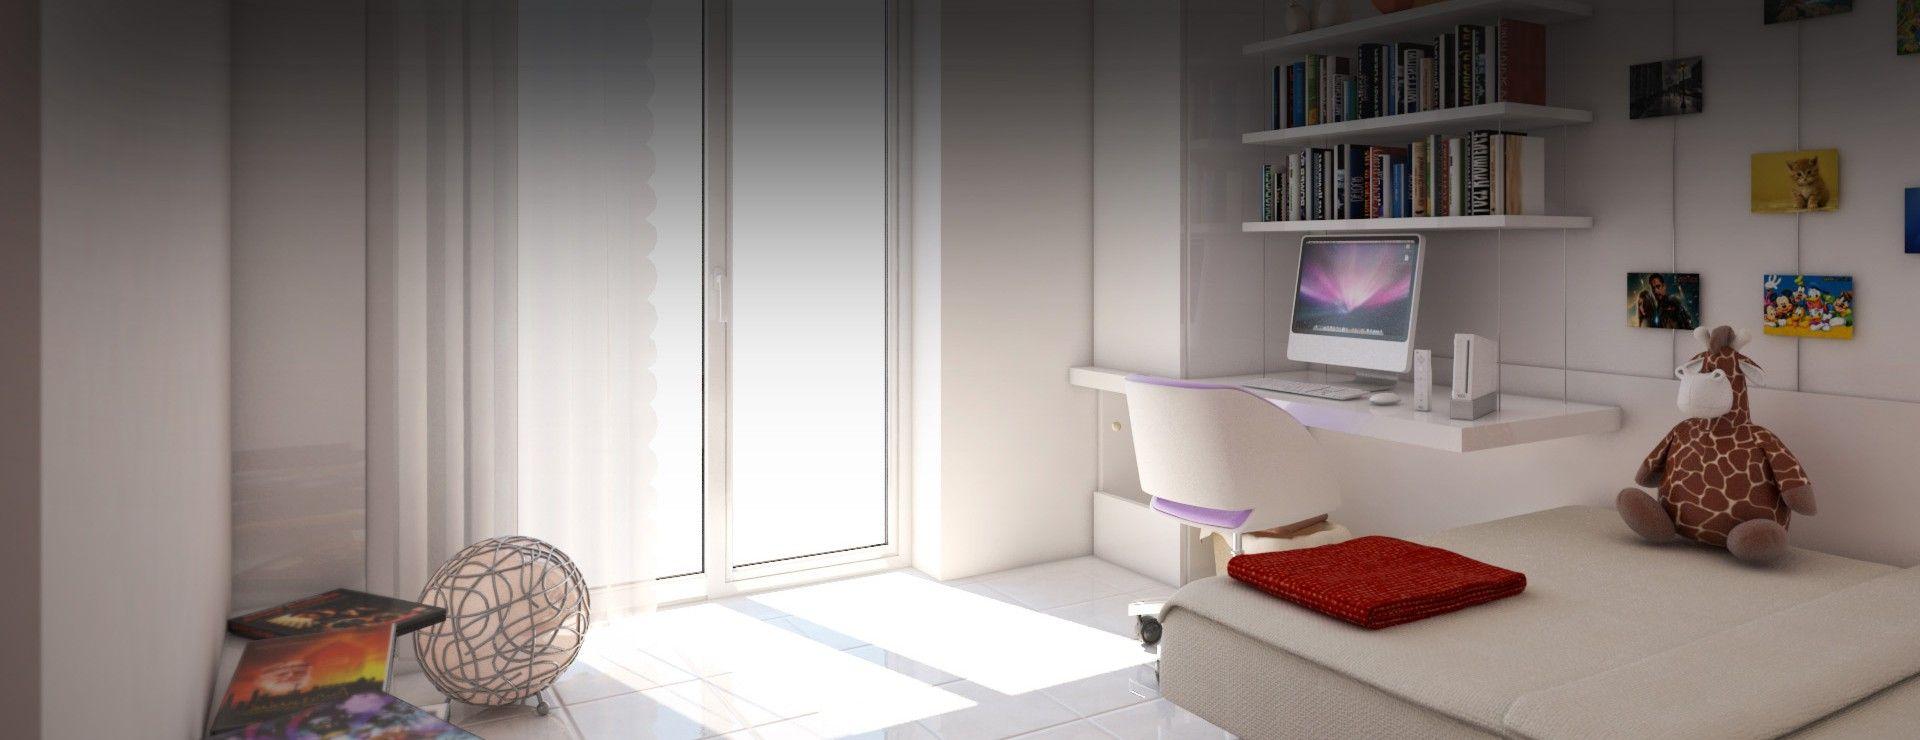 Progetto camera da letto singola progetto e modello 3d federico colarossi render stefano - Camera da letto singola ...